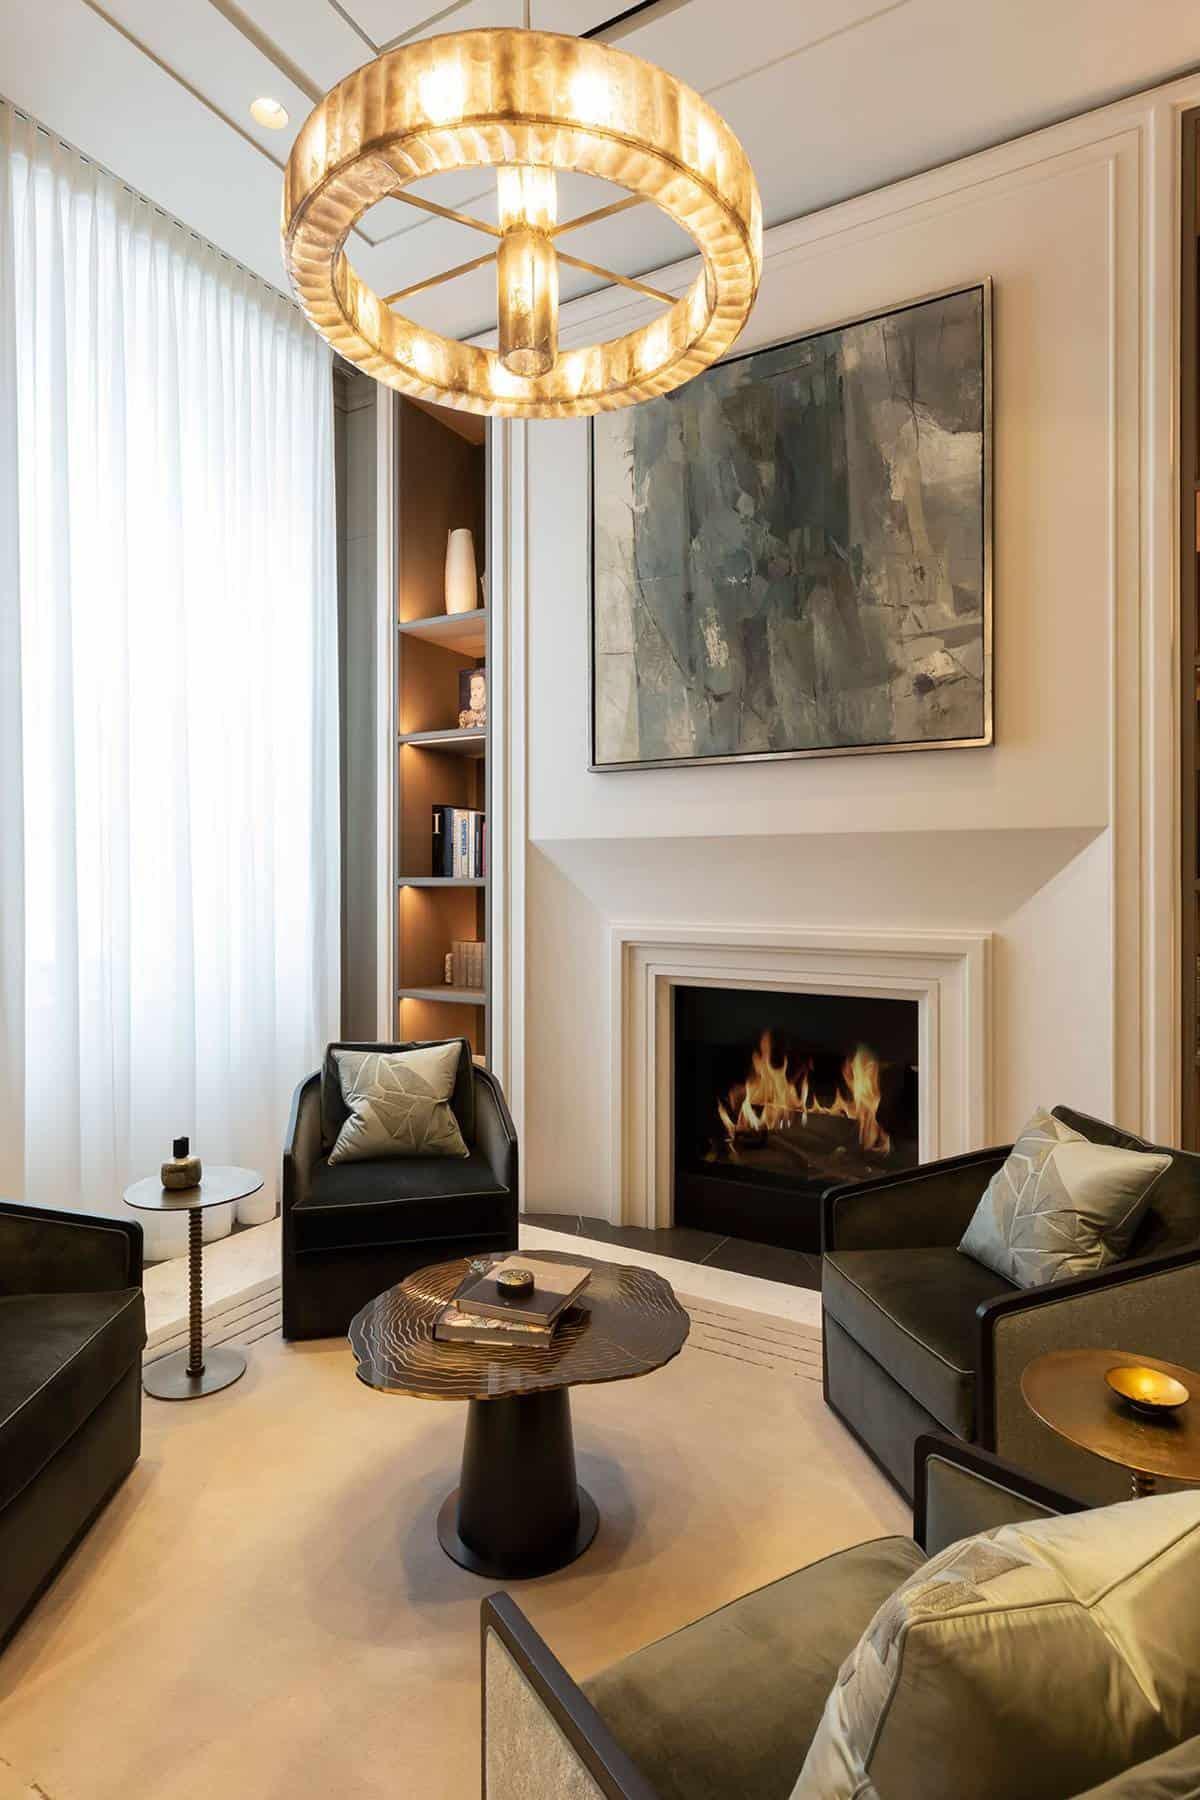 No. 1 Grosvenor Square penthouse 5